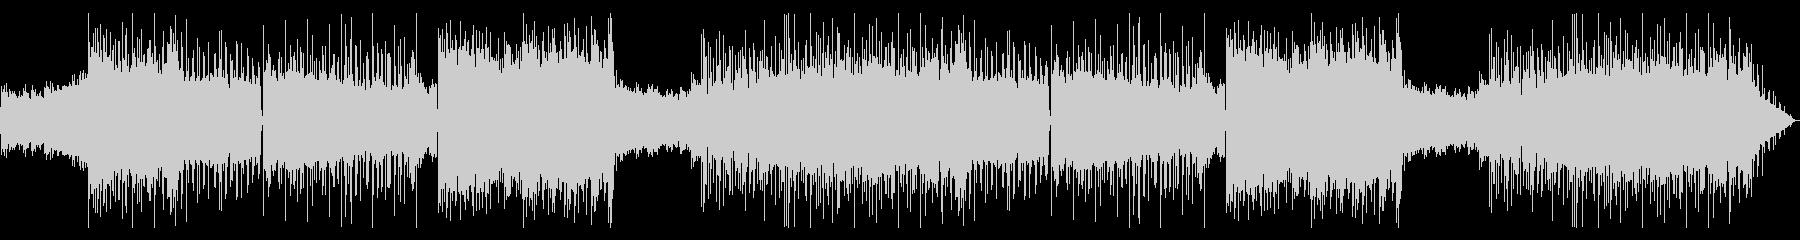 いかつい重めロックなエレキギターサウンドの未再生の波形